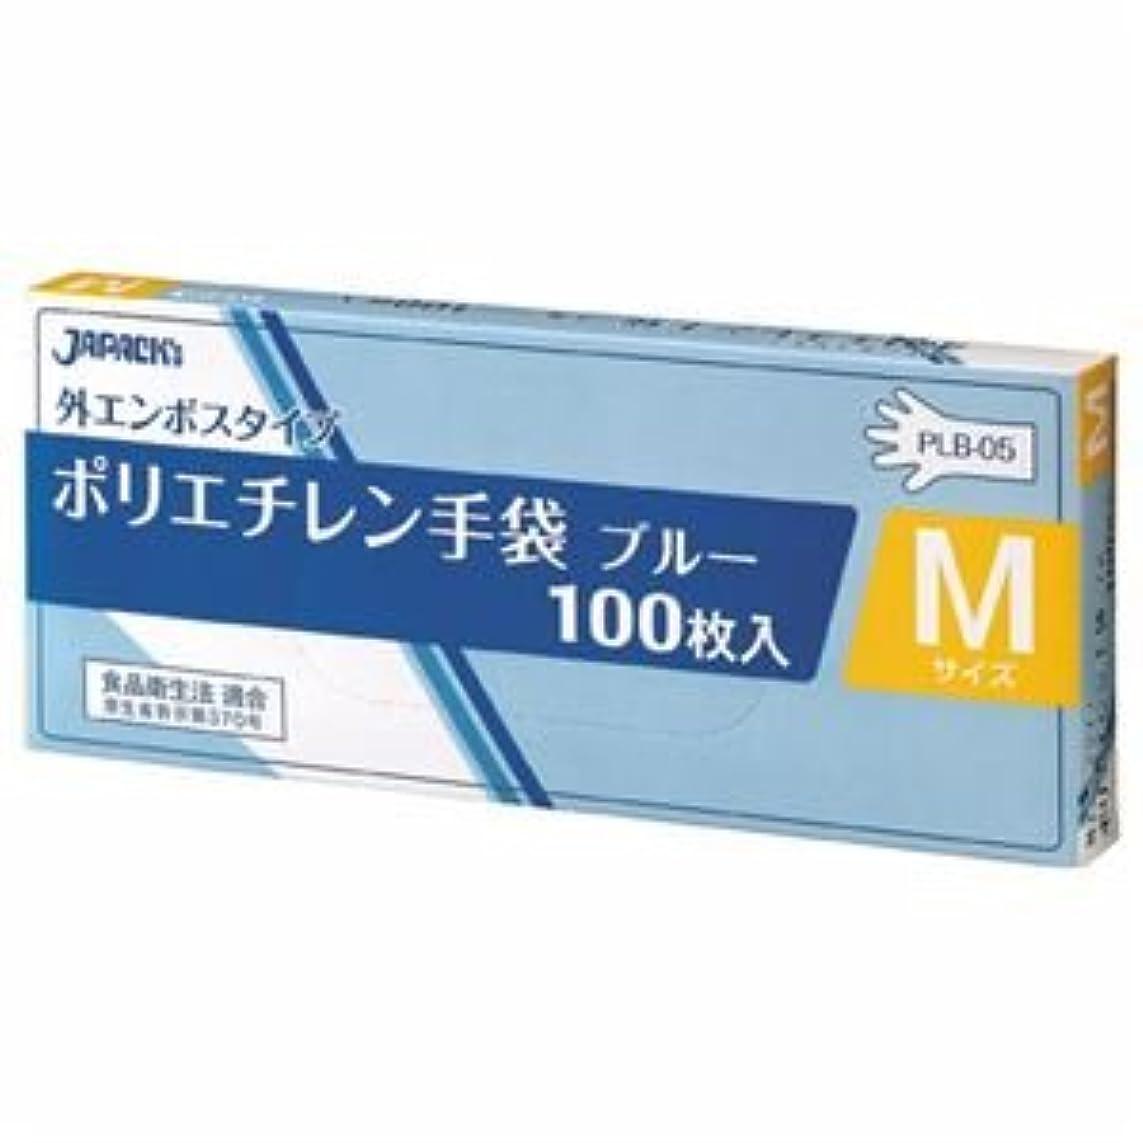 さびたウルル考え(まとめ) ジャパックス 外エンボスLDポリ手袋BOX M 青 PLB05 1パック(100枚) 【